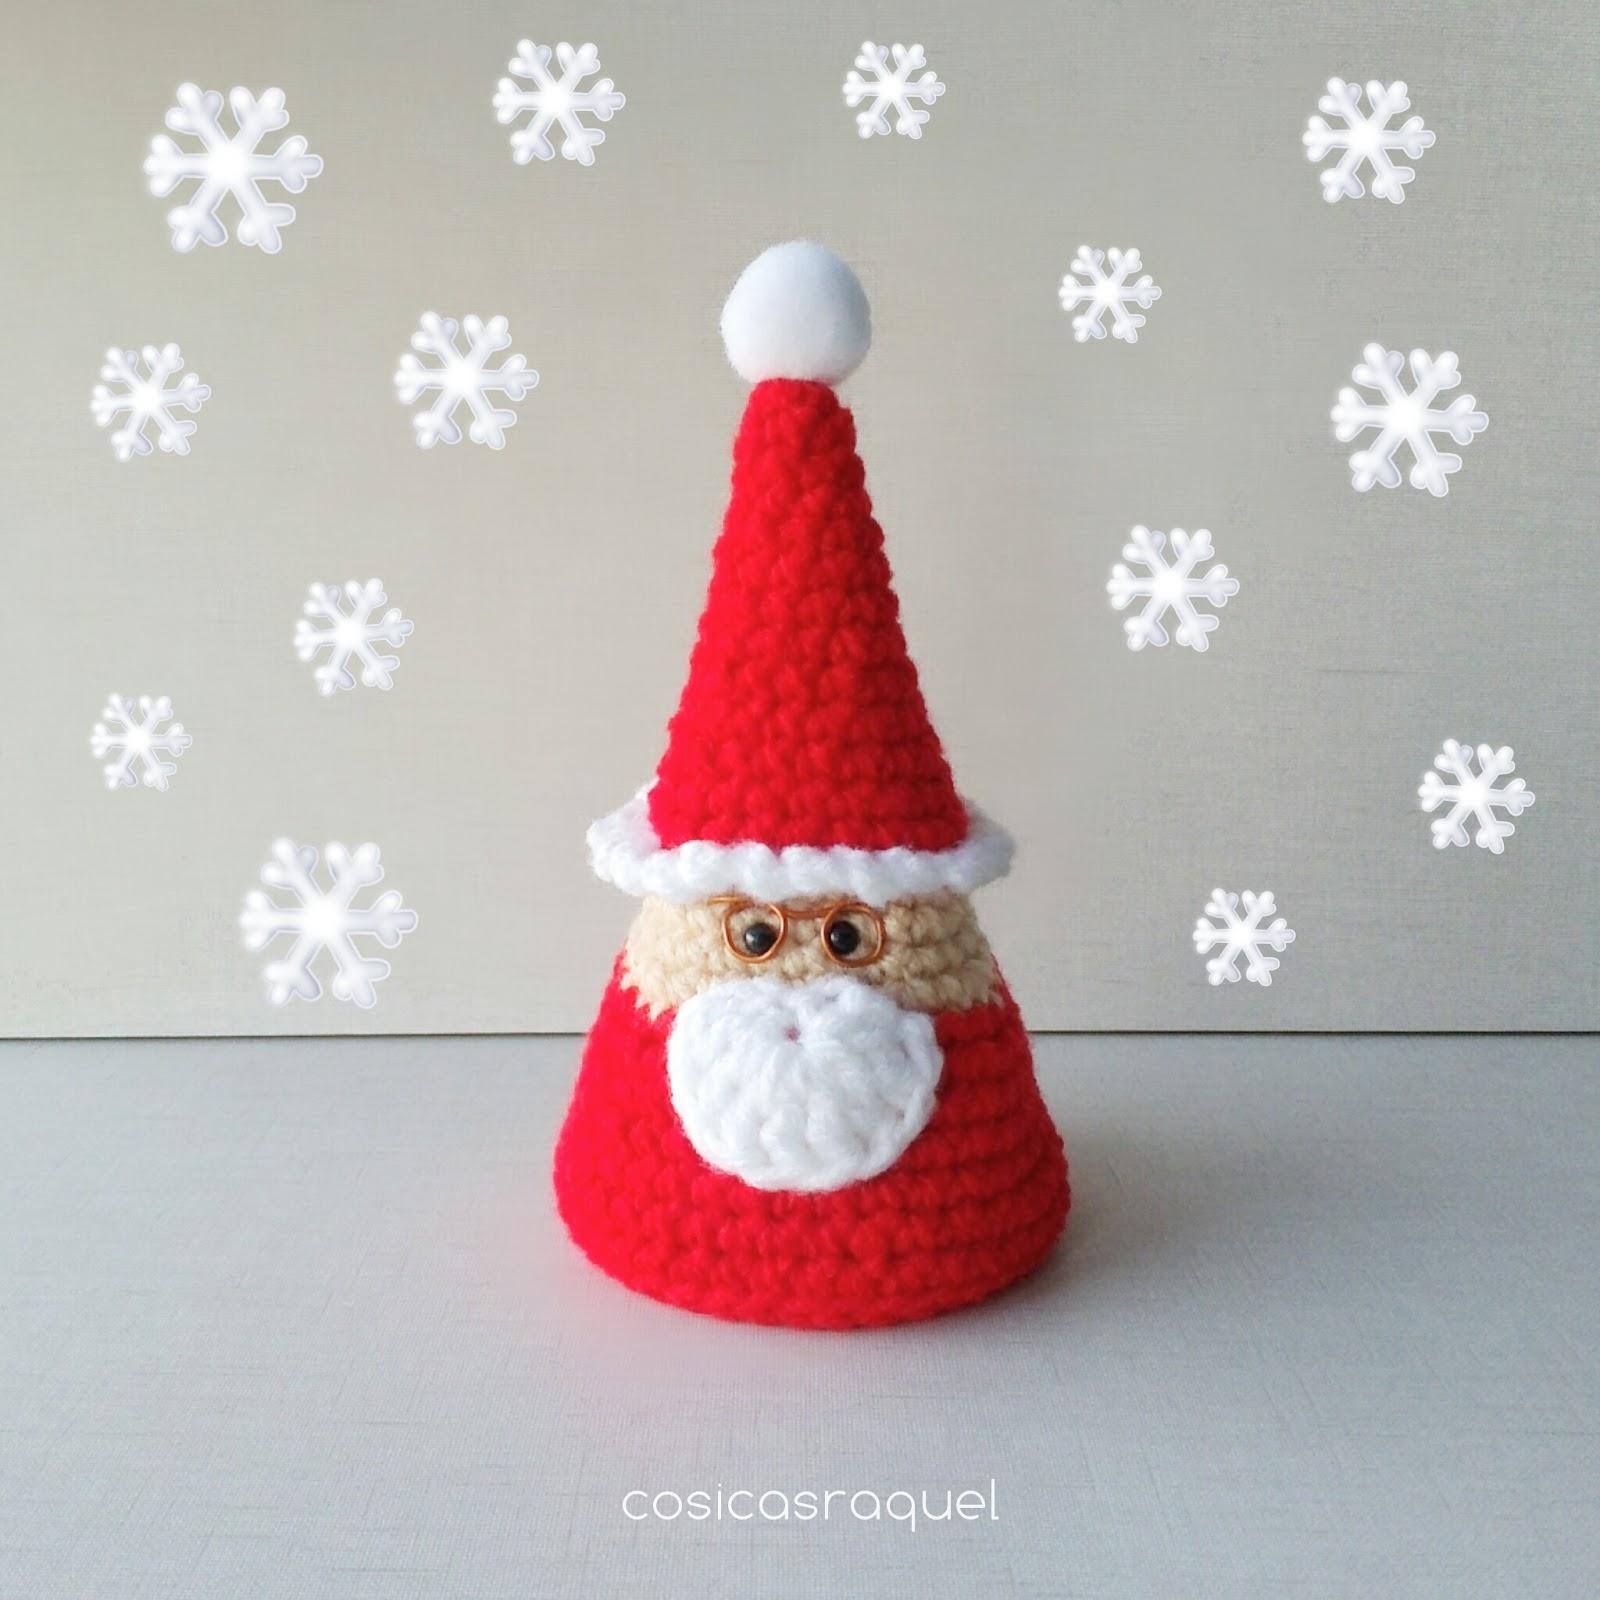 cosicasraquel: Santa Claus Amigurumi